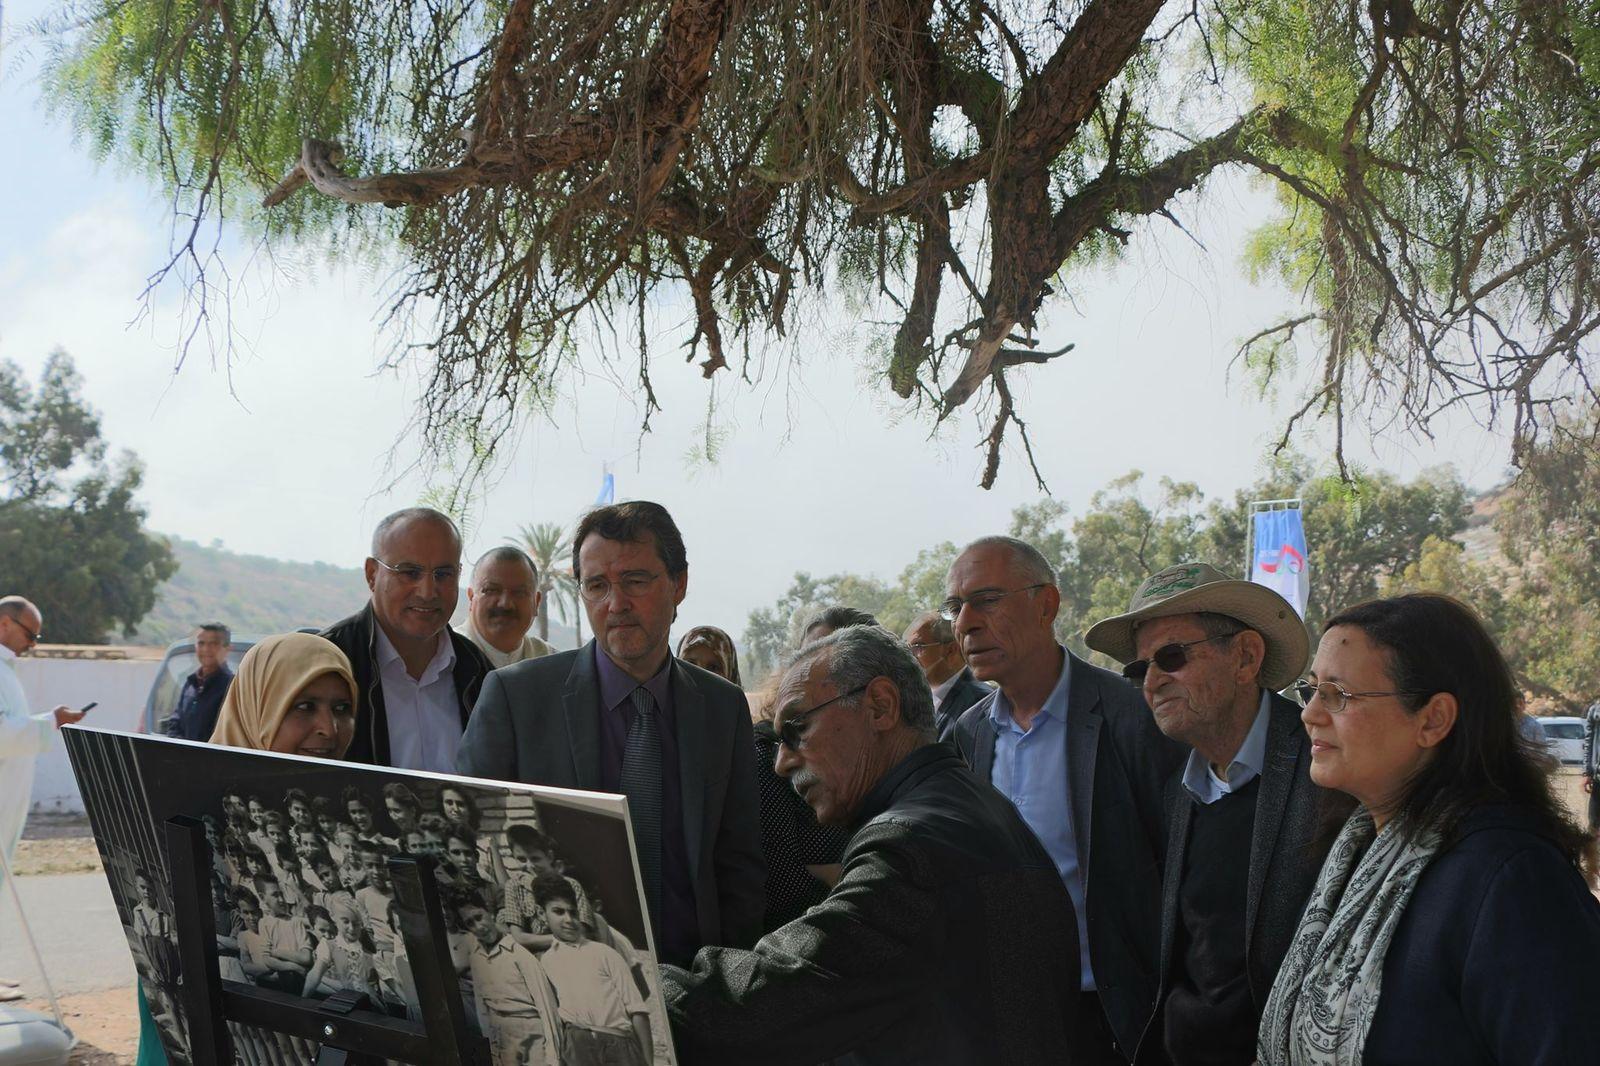 Consulat général de France à Agadir- le 28 février 2020